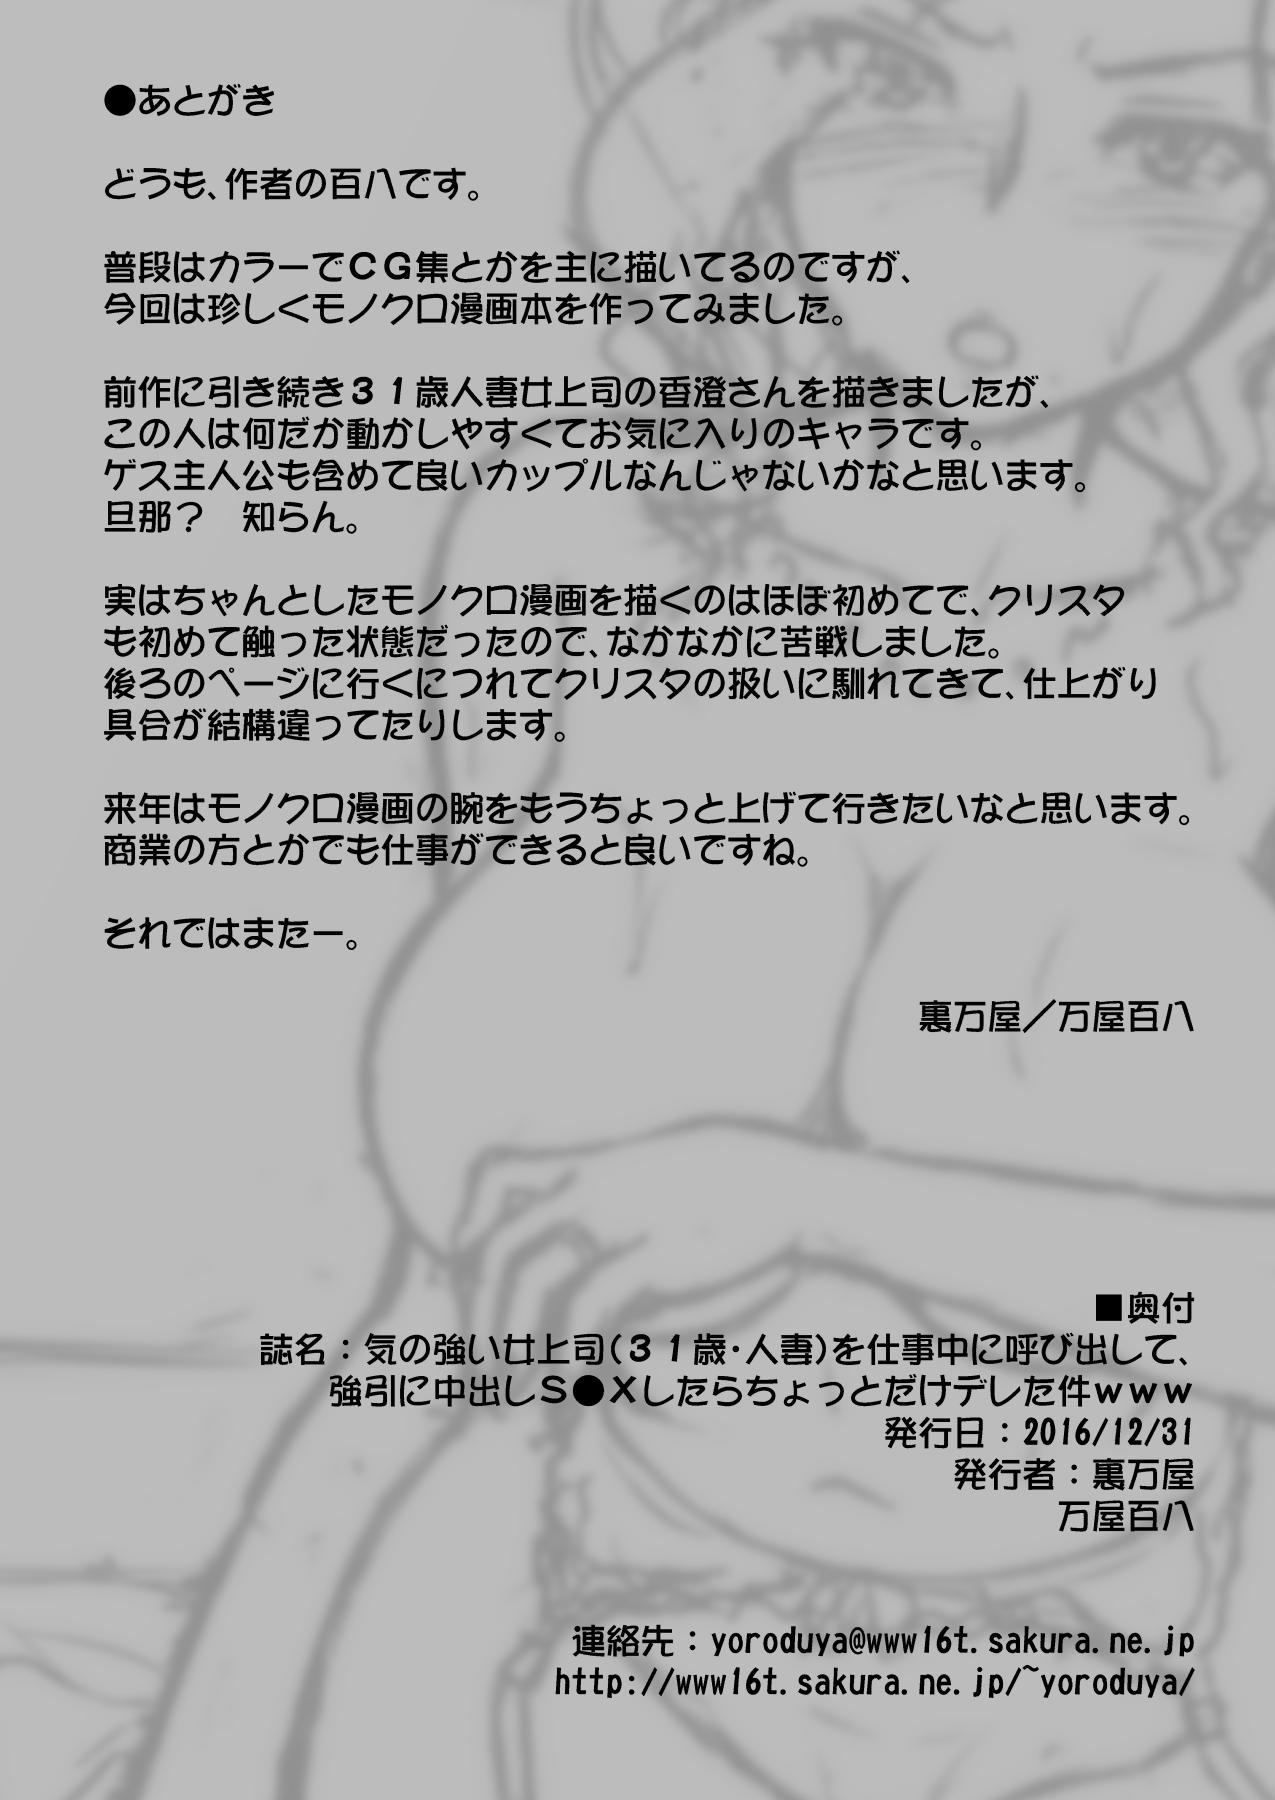 [Urayoroduya (Yoroduya Hyakuhachi)] Ki no Tsuyoi Onna Joushi (31-sai Hitozuma) Matome [English] 24